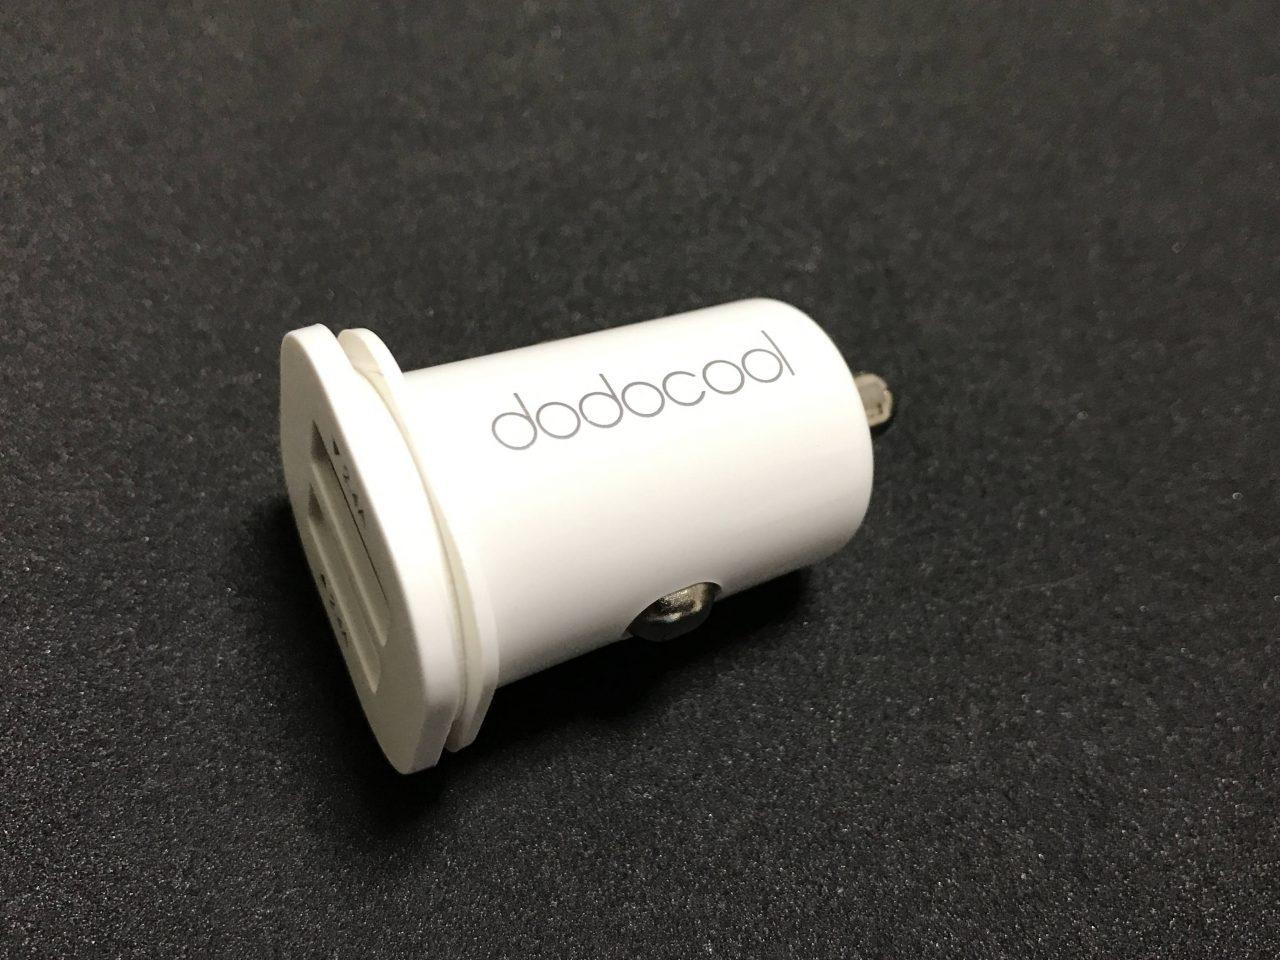 これは超ミニ! dodocool USBカーチャージャー レビュー